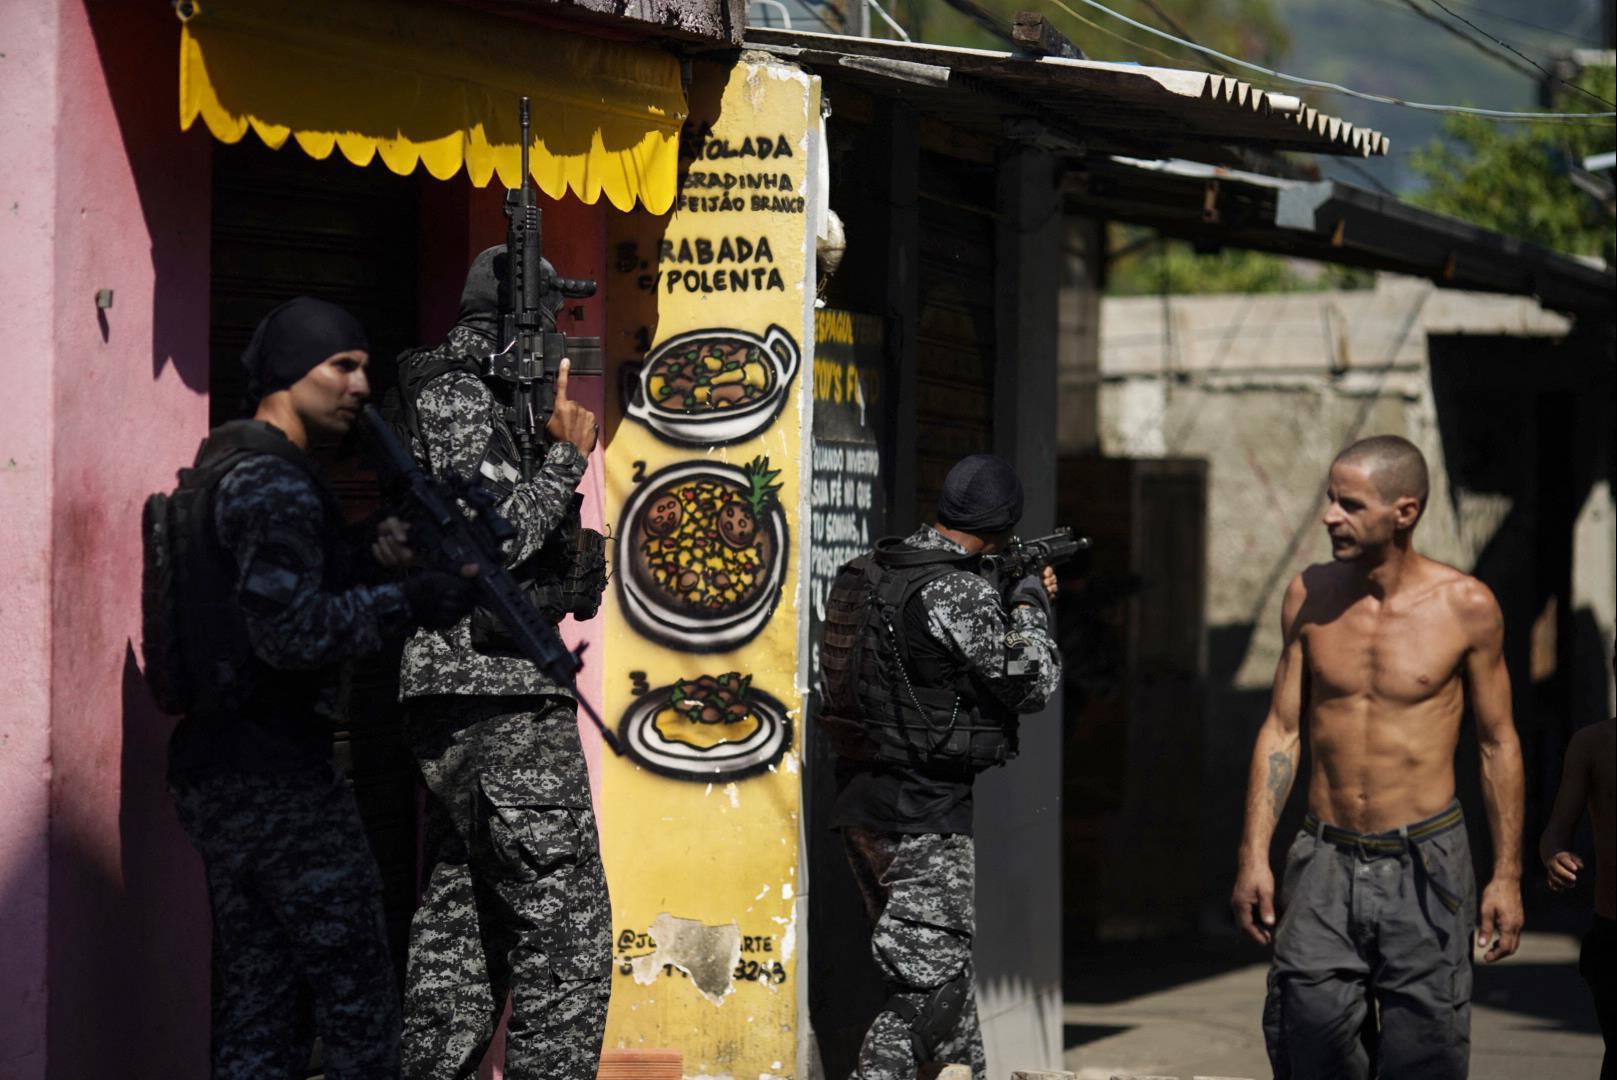 البرازيل: ملامح قاتمة لعنف الشرطة في الأحياء الفقيرة